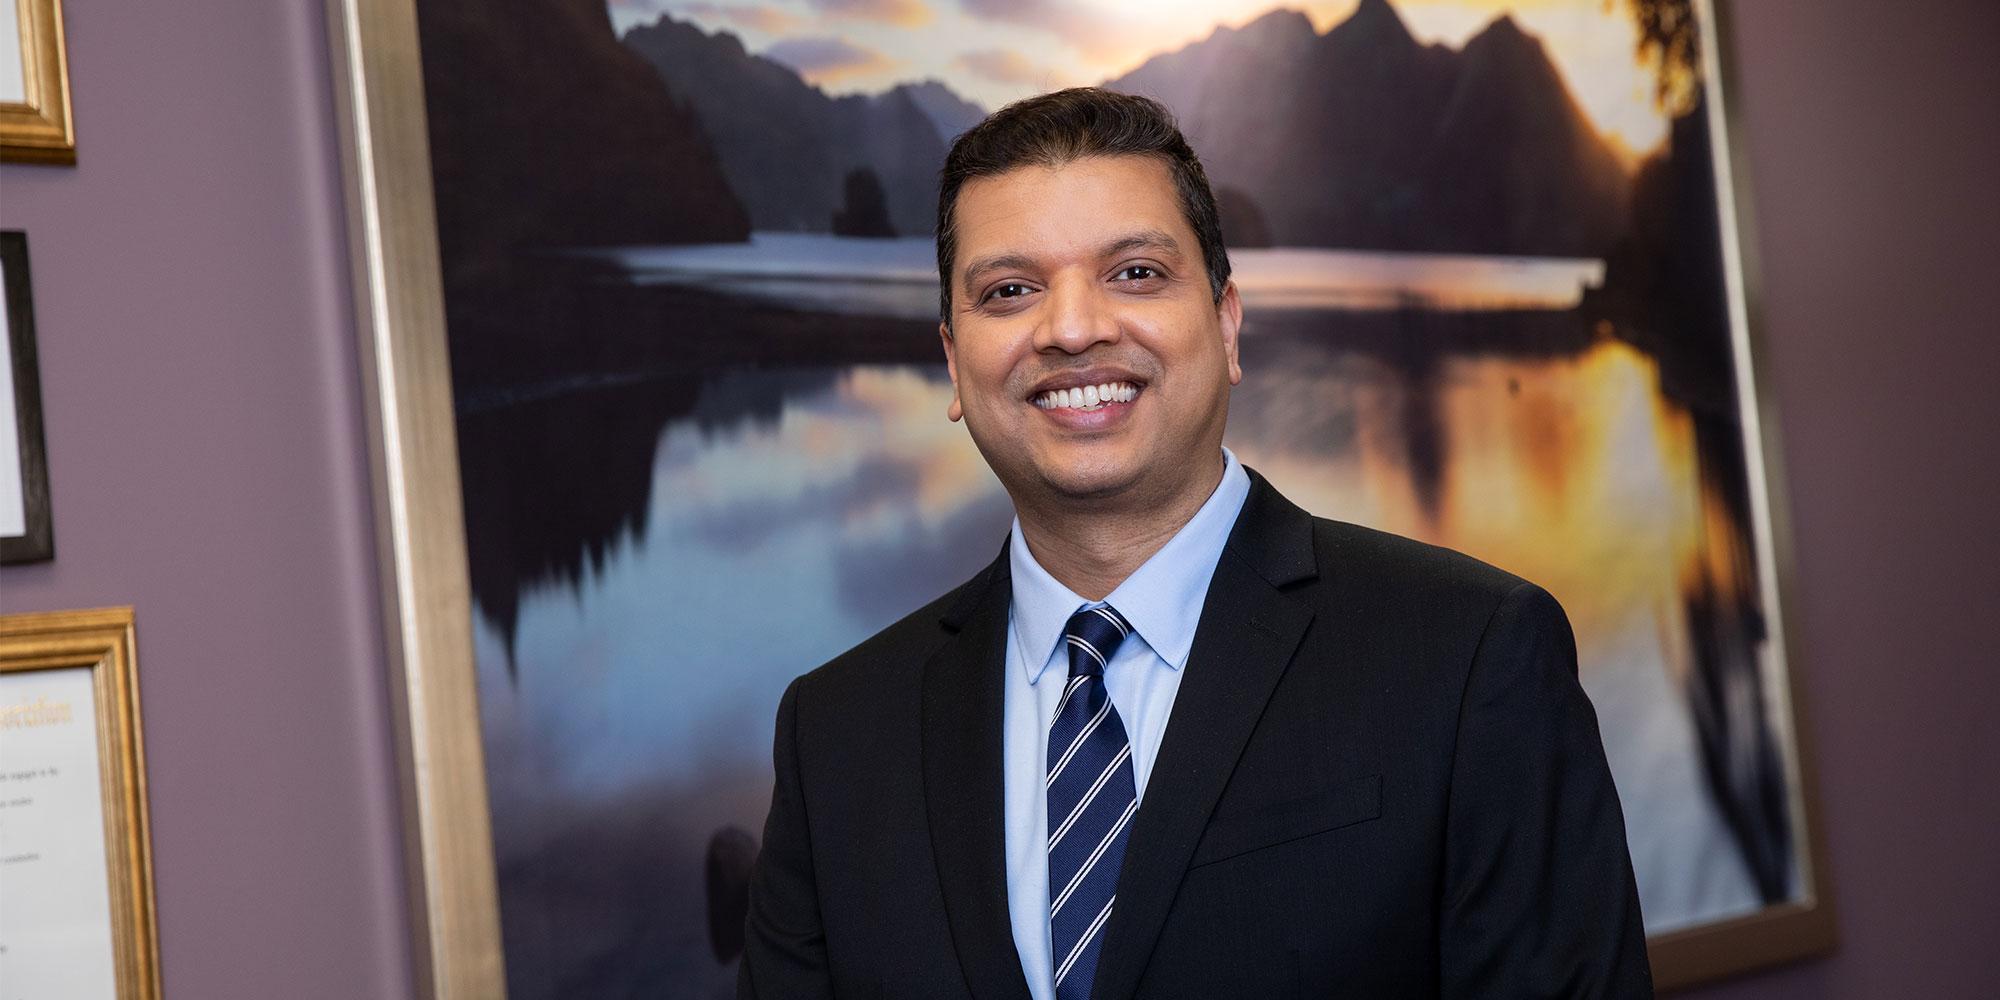 Dr. Avi Matha